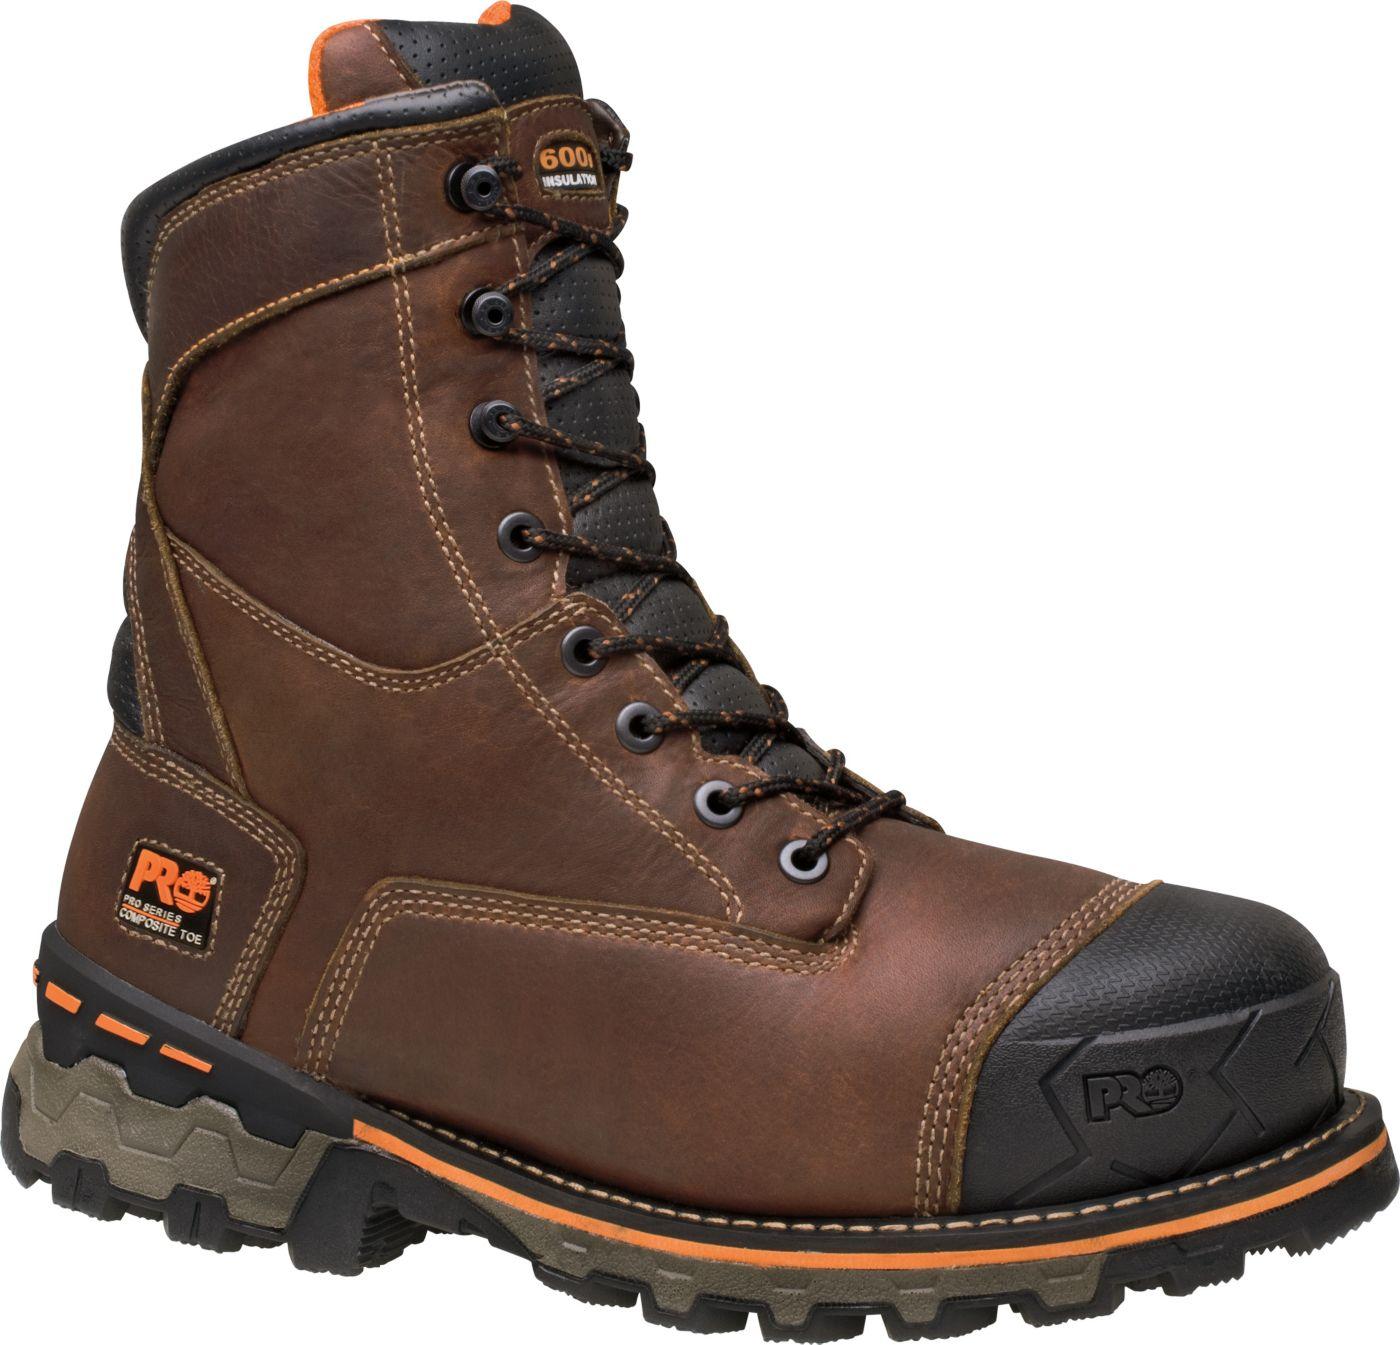 Timberland PRO Men's 8'' Boondock Waterproof 600g Composite Toe Work Boots